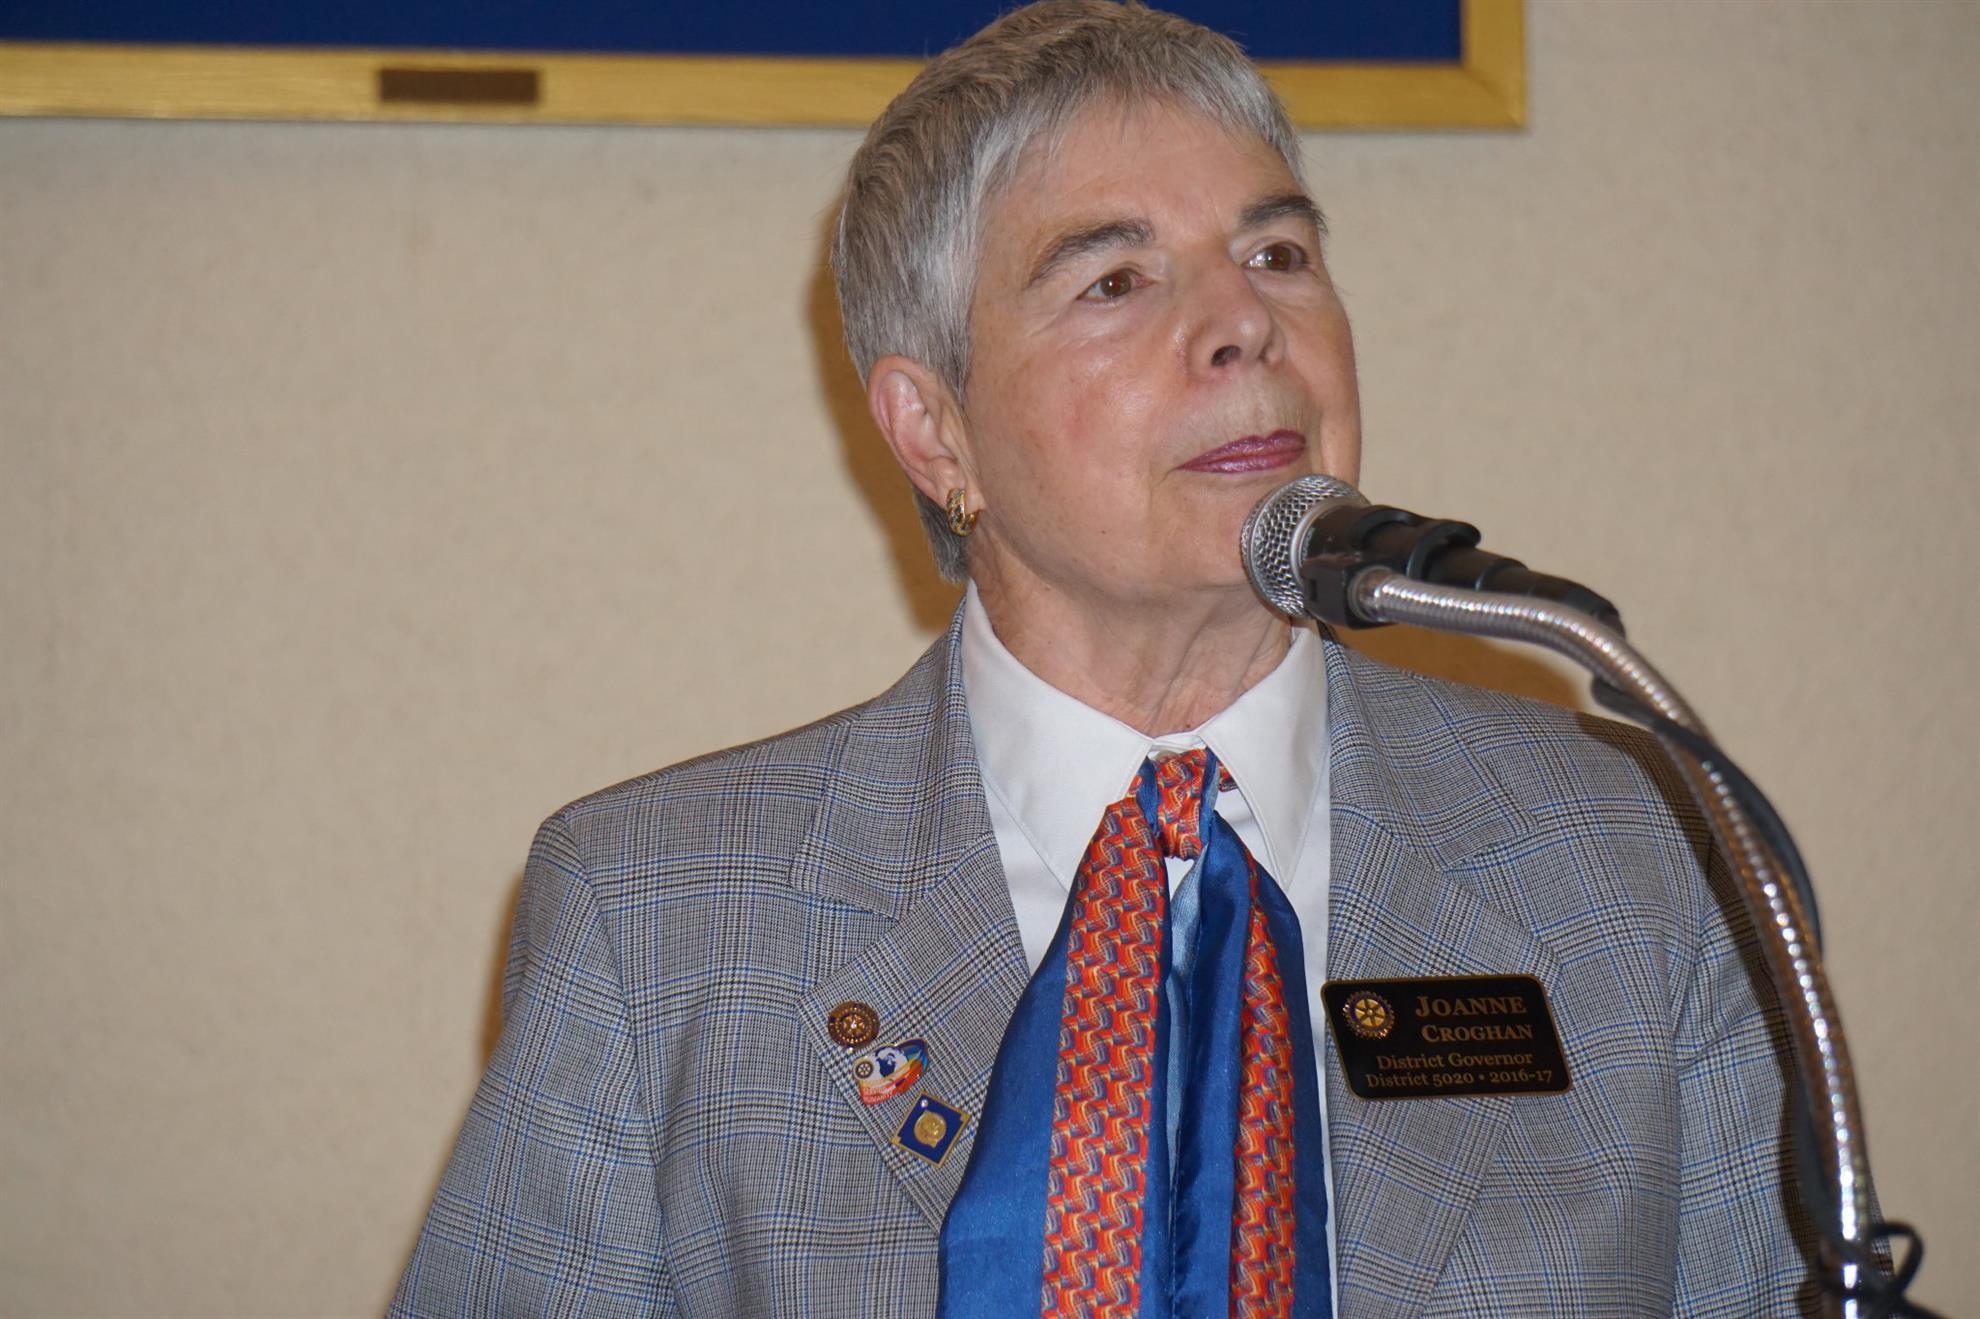 Joanne Croghan